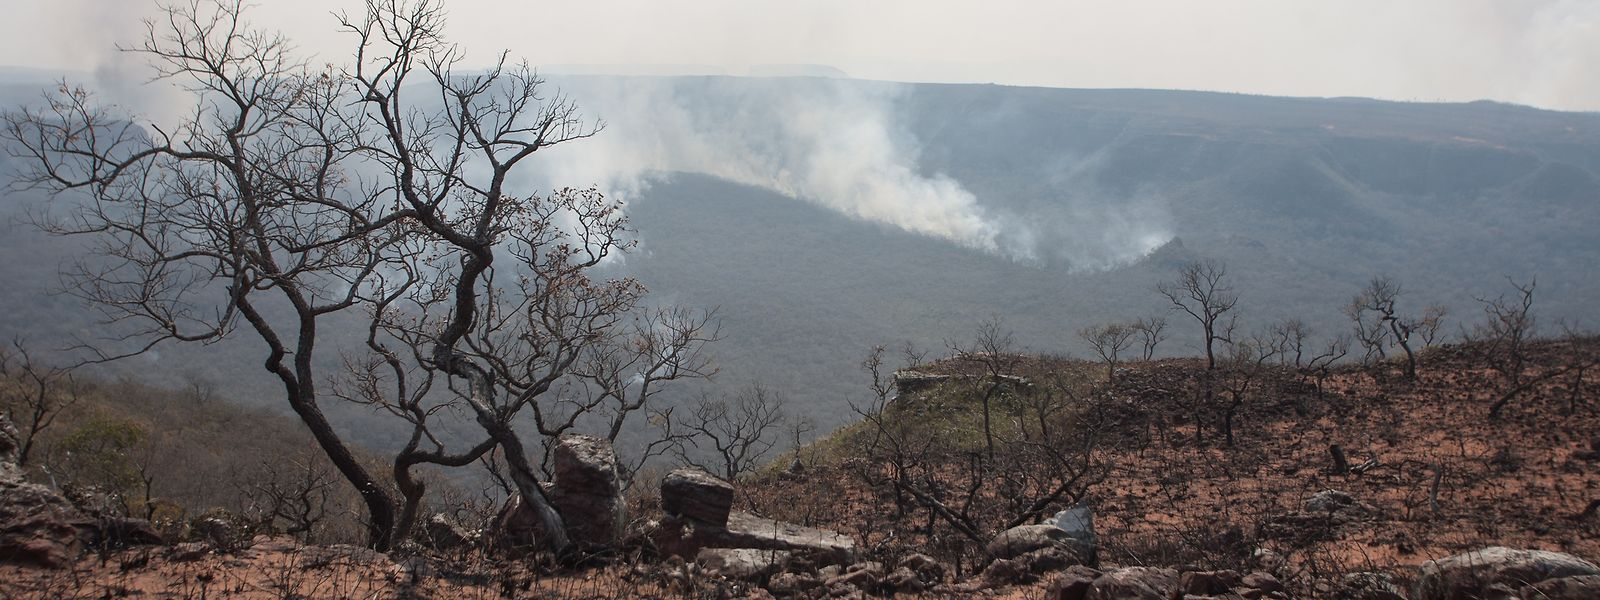 Damit nicht noch mehr Natur im Amazonasgebiet verbrennt, soll nun das Militär in den betroffenen Gebieten beim Löschen der Flammen helfen.